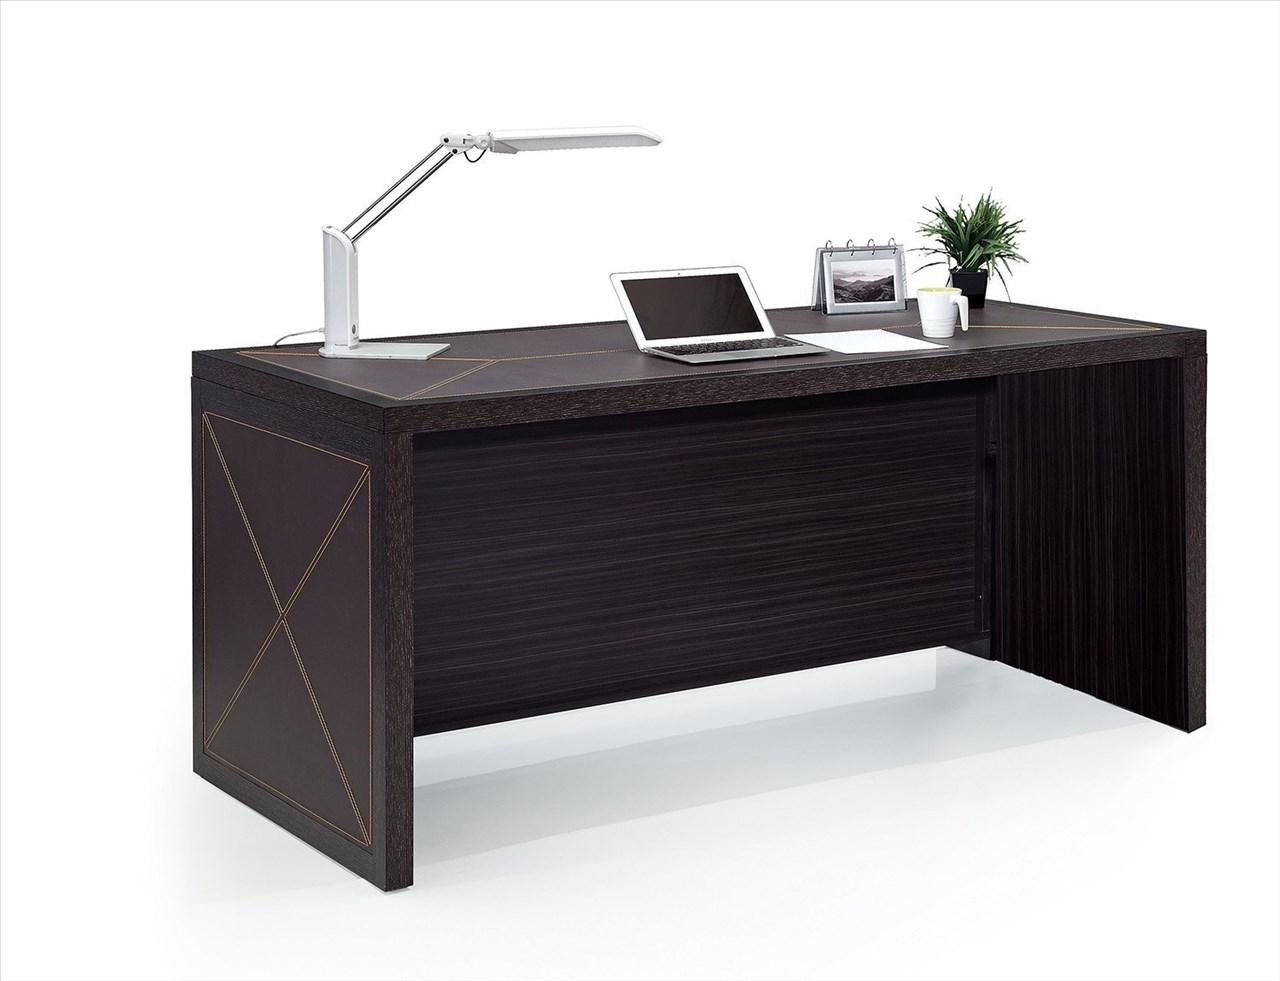 【石川家居】GD-631-5 巴菲特6尺大器辦公桌 (不含其他商品) 台中以北搭配車趟免運